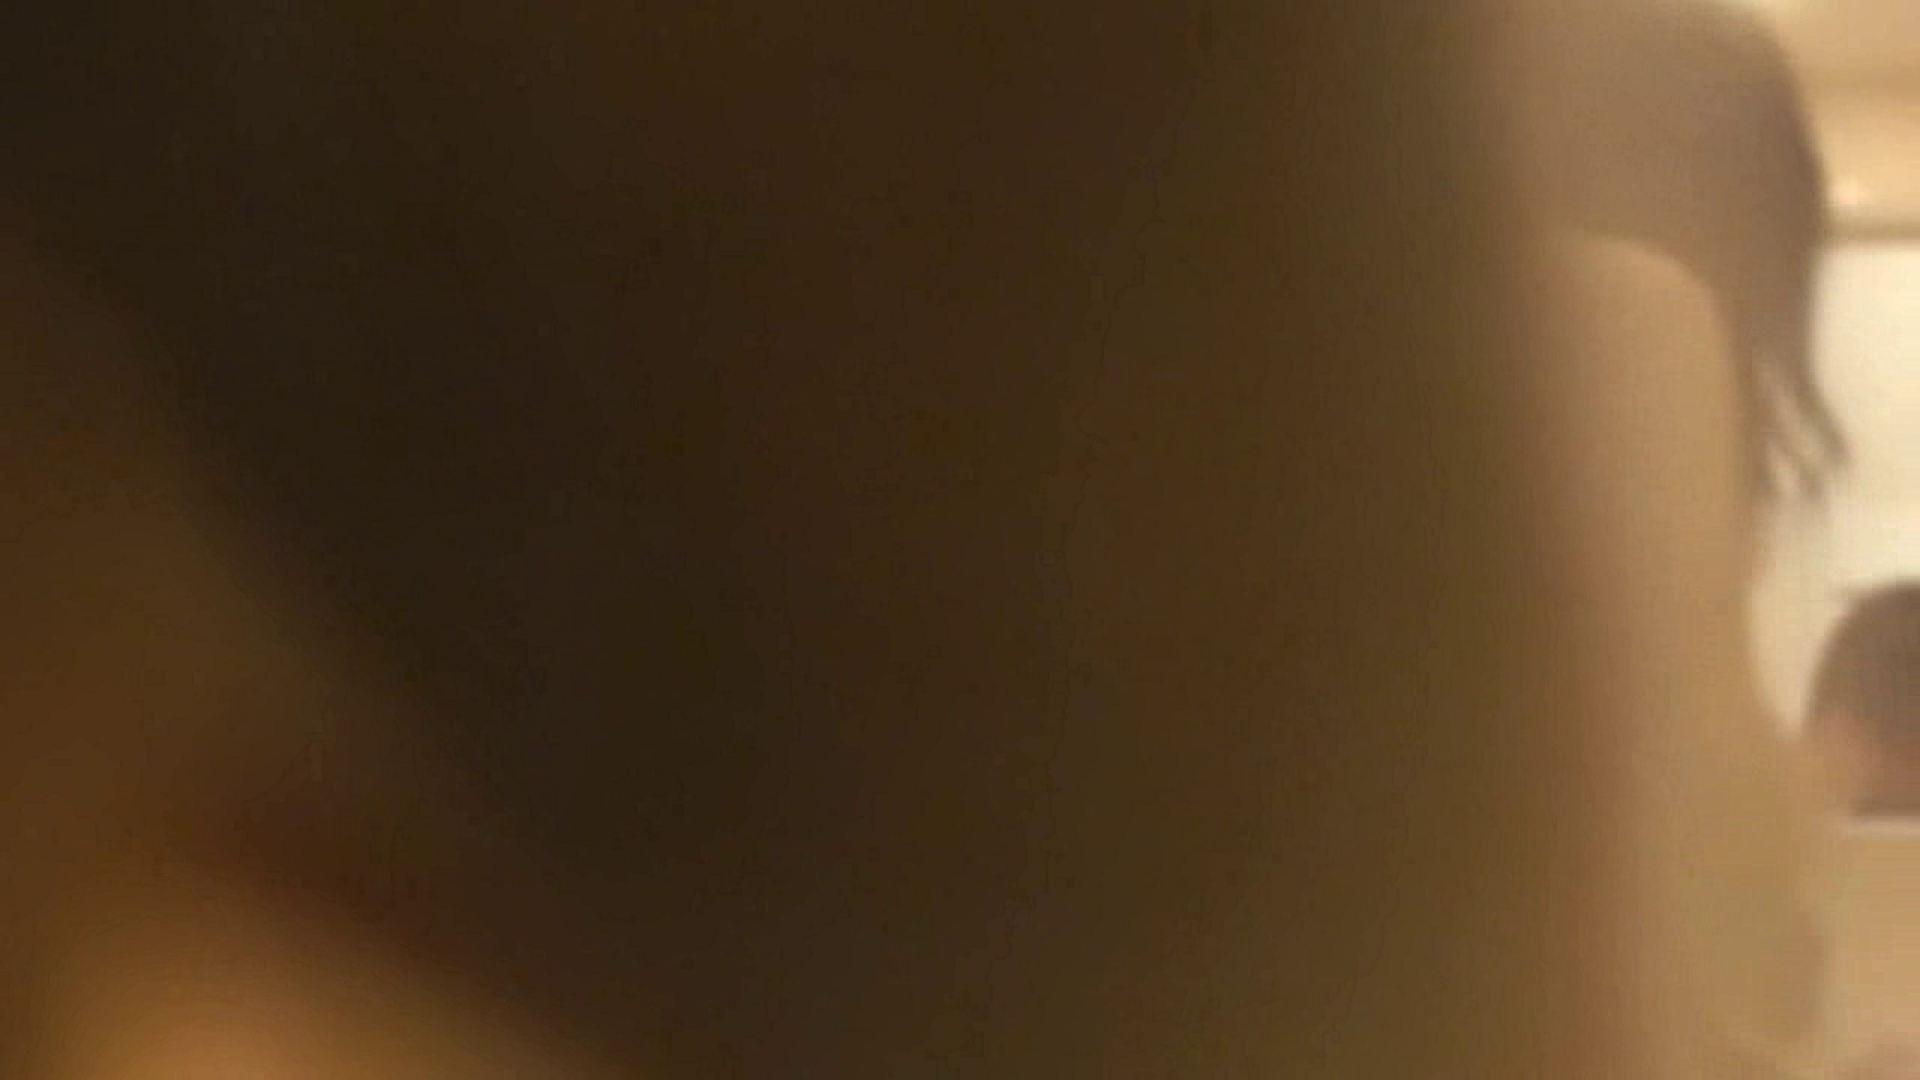 vol.1 Mayumi 窓越しに入浴シーン撮影に成功 OL   入浴シーン  89連発 62